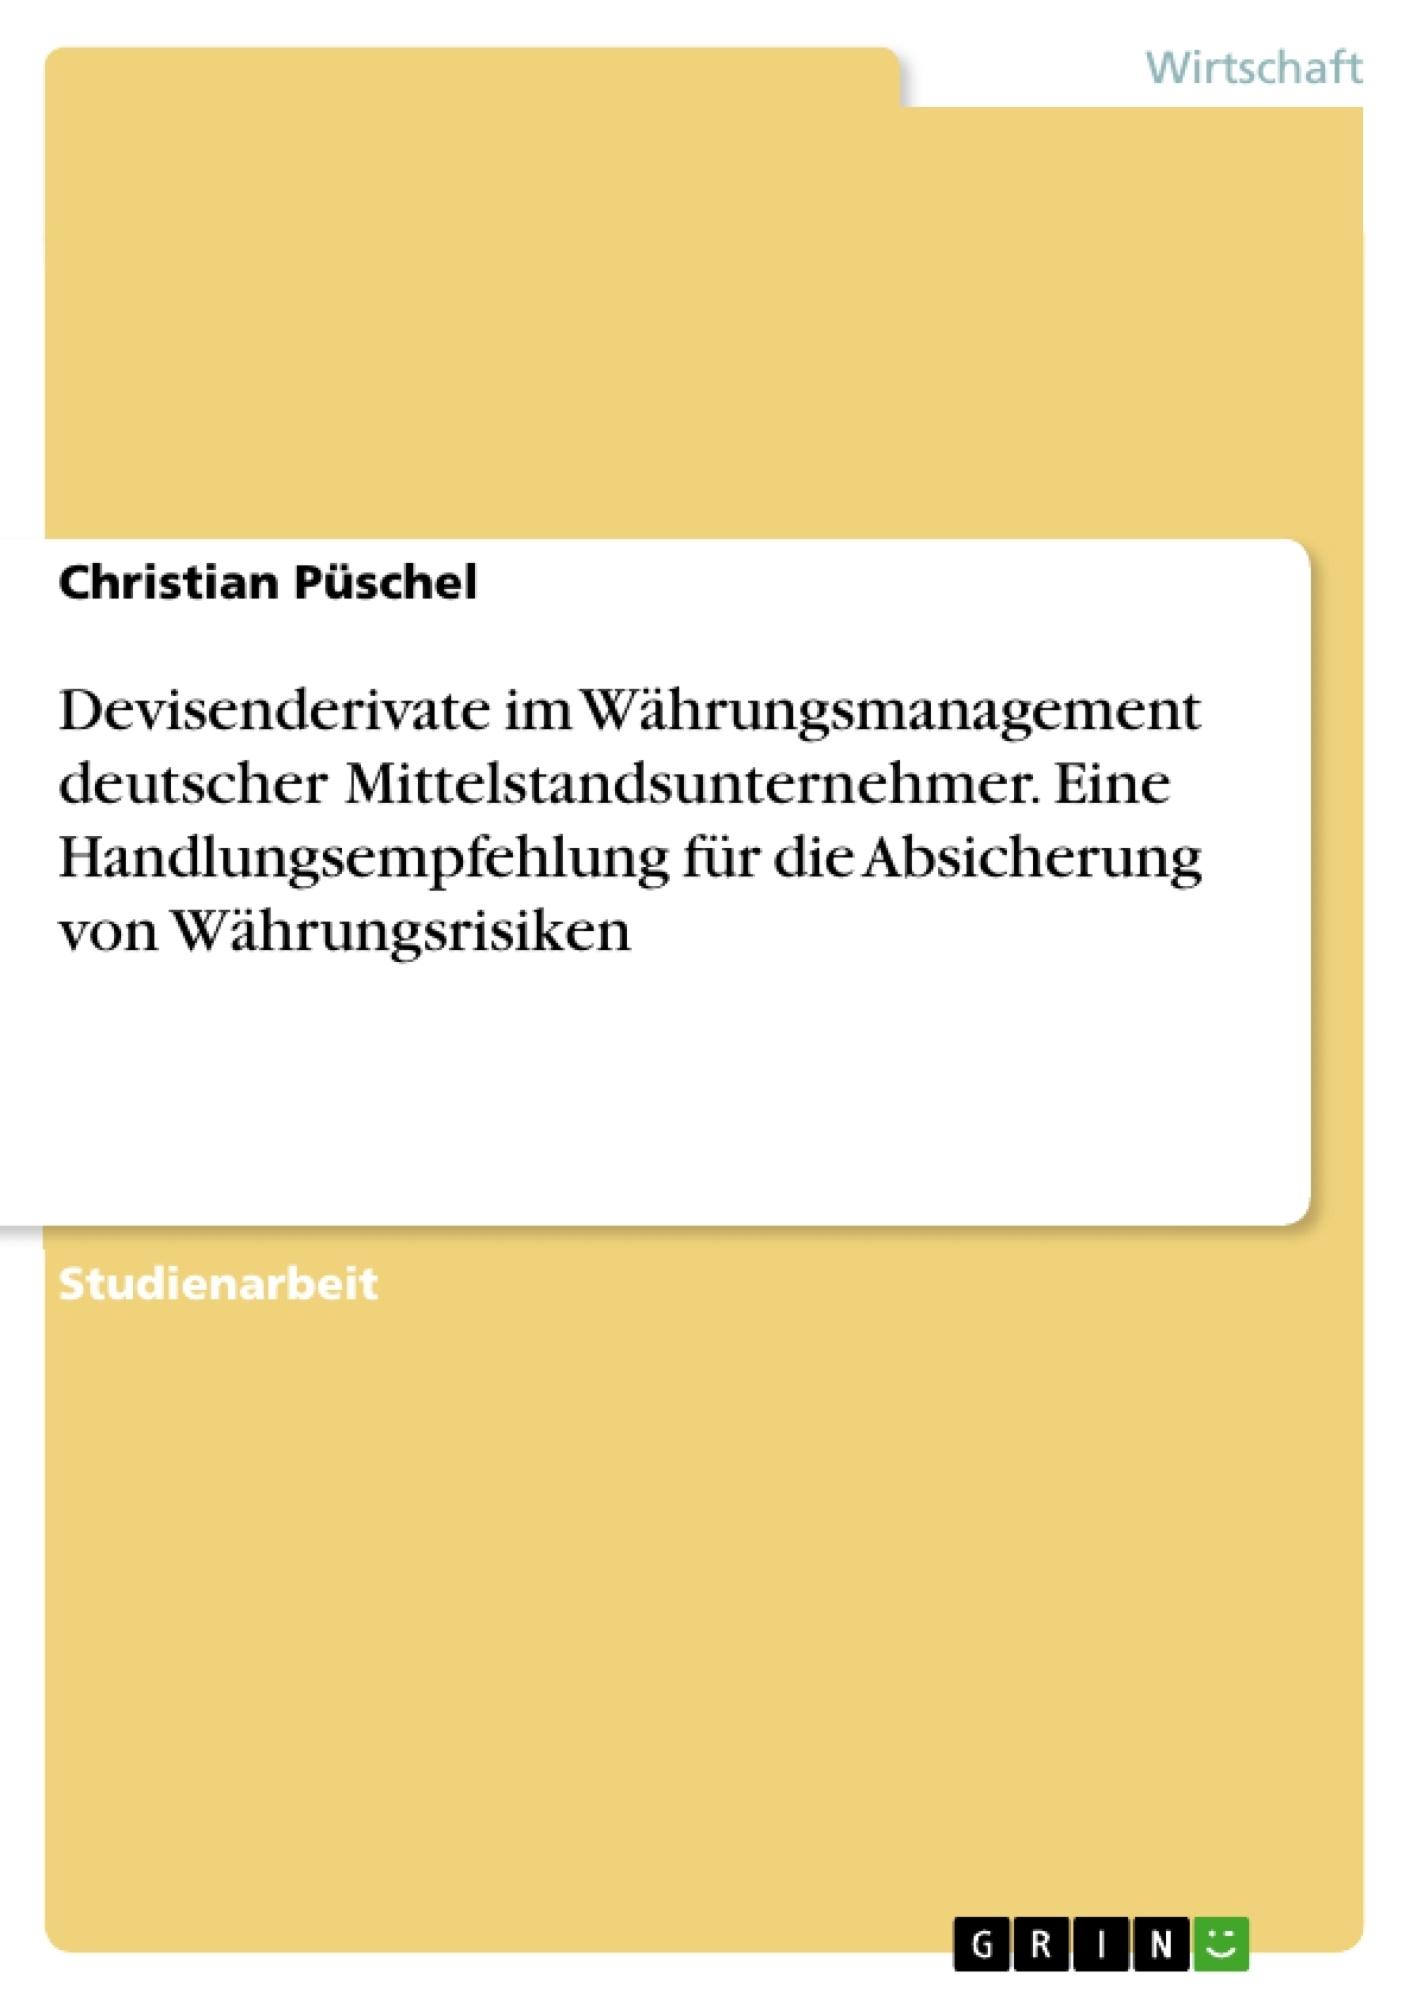 Titel: Devisenderivate im Währungsmanagement deutscher Mittelstandsunternehmer. Eine Handlungsempfehlung für die Absicherung von Währungsrisiken